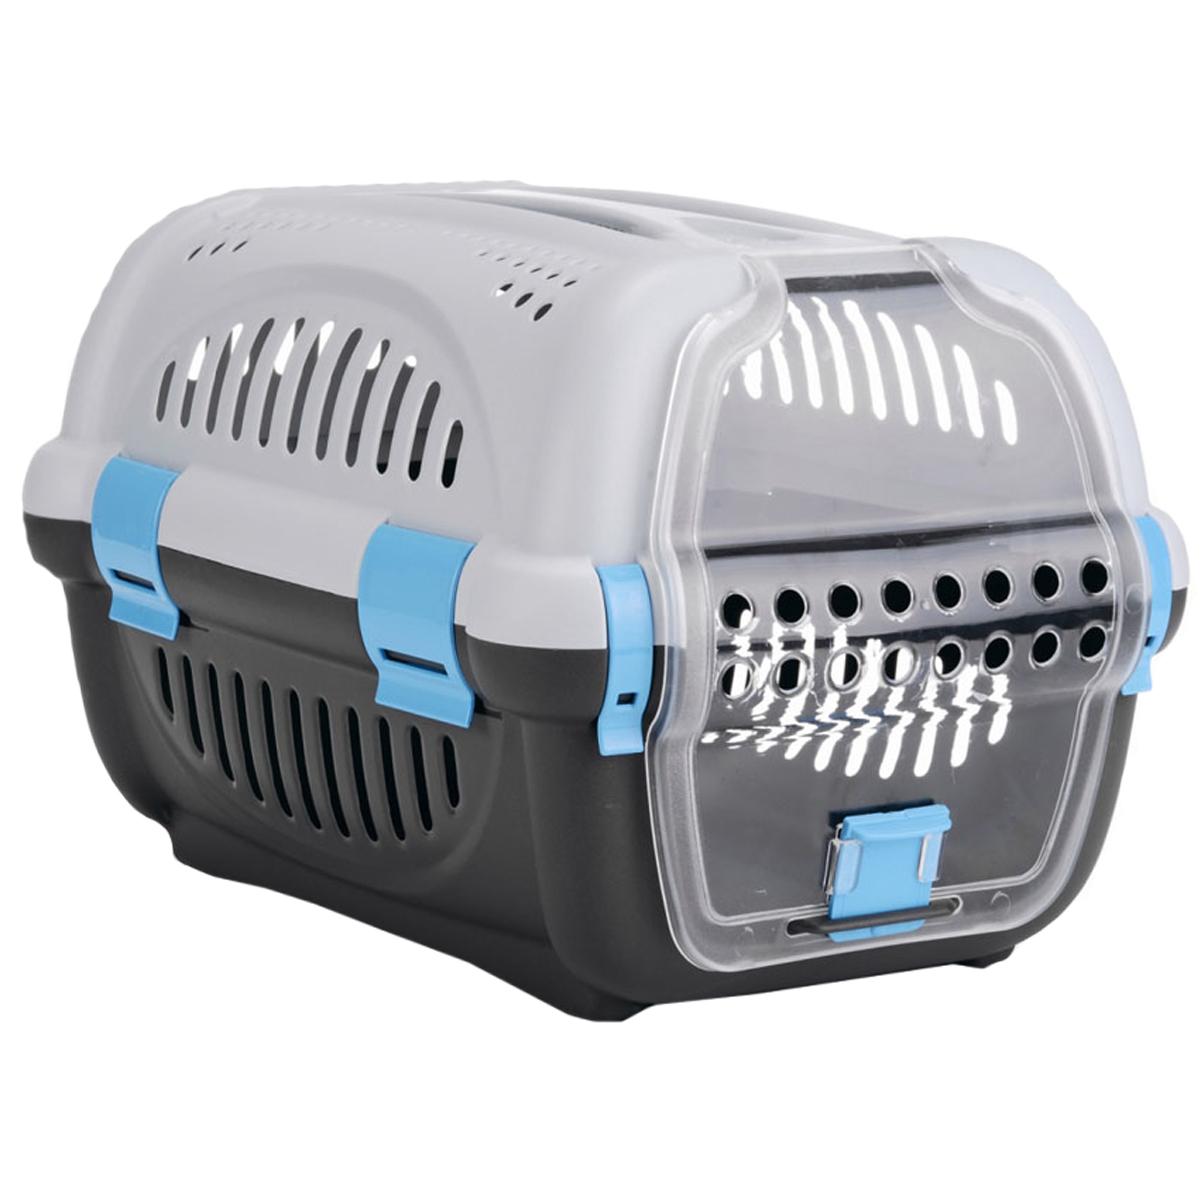 Переноска для животных I.P.T.S., цвет: серый, синий, 51 х 34,5 х 33 см0120710Переноска I.P.T.S. очень удобна для транспортировки собаки. Воздух циркулирует благодаря пластмассовым решеткам по всему периметру переноски. Прозрачная дверца обеспечивает животному возможность наблюдать за происходящим вокруг. Яркие фрагменты в дизайне переноски добавляют индивидуальности.